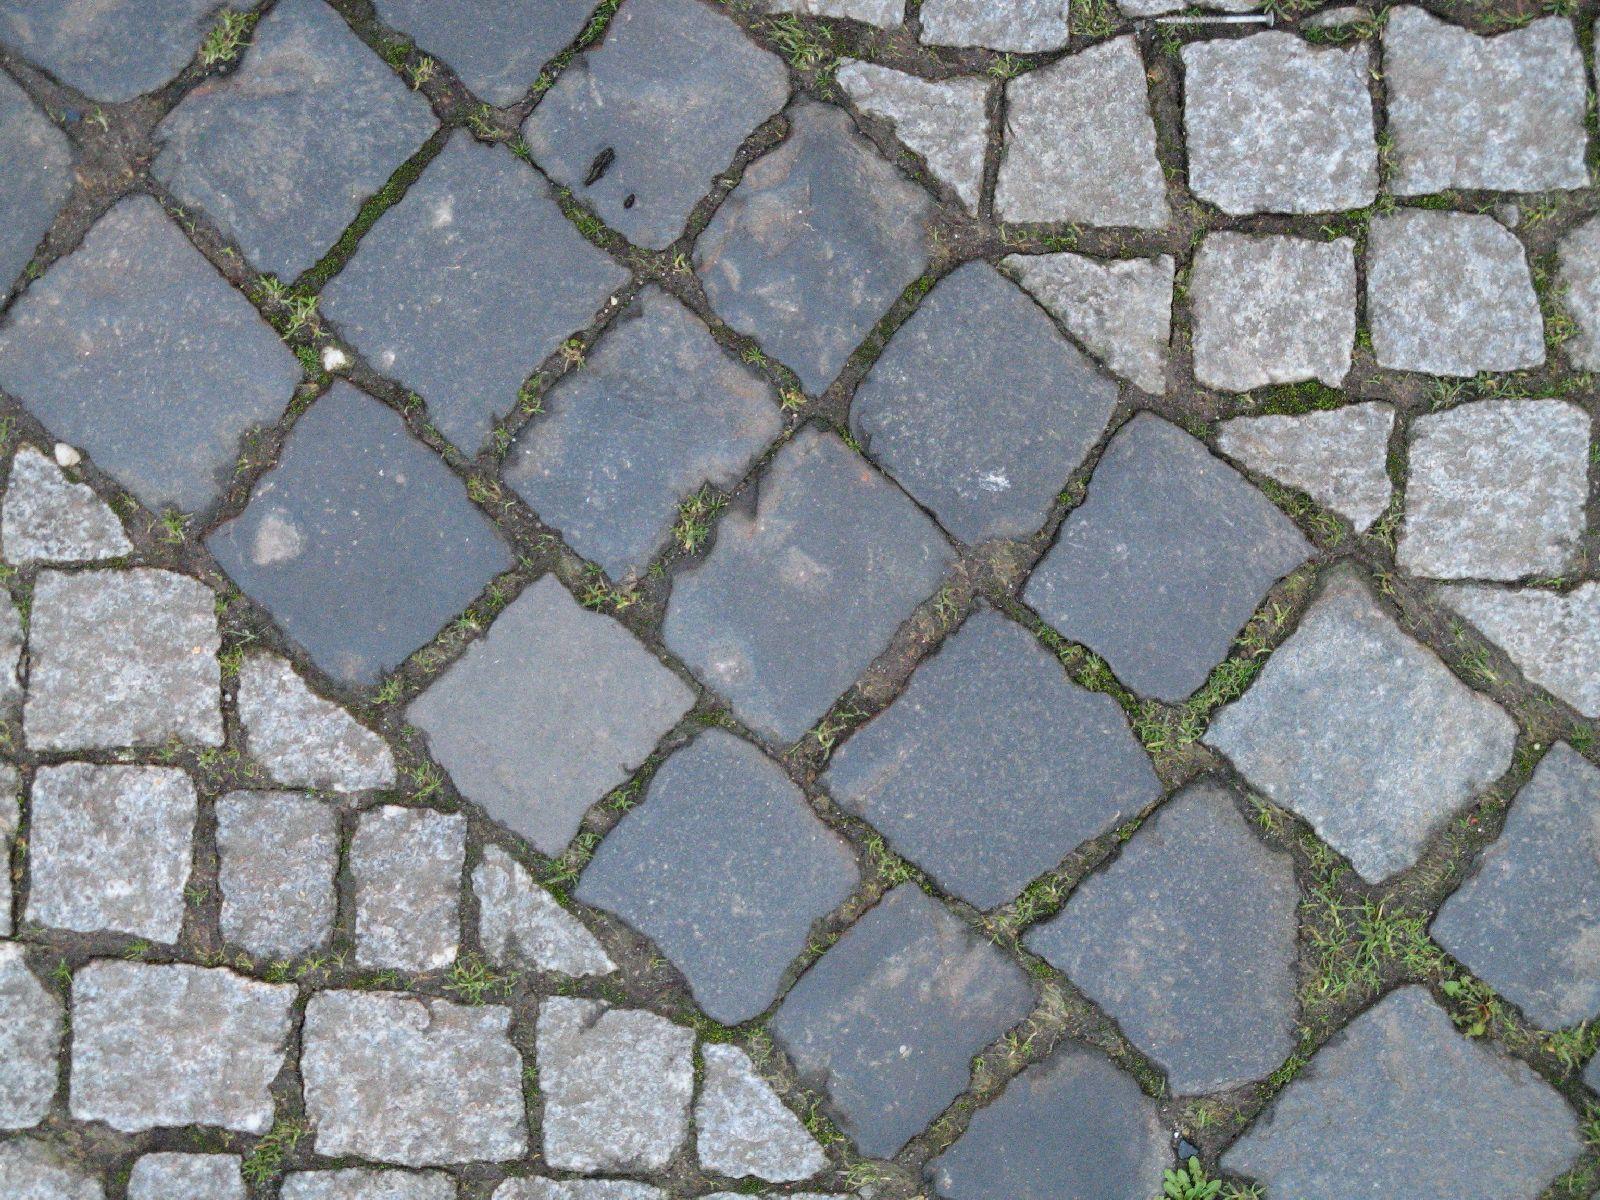 Boden-Gehweg-Strasse-Buergersteig-Textur_B_4076